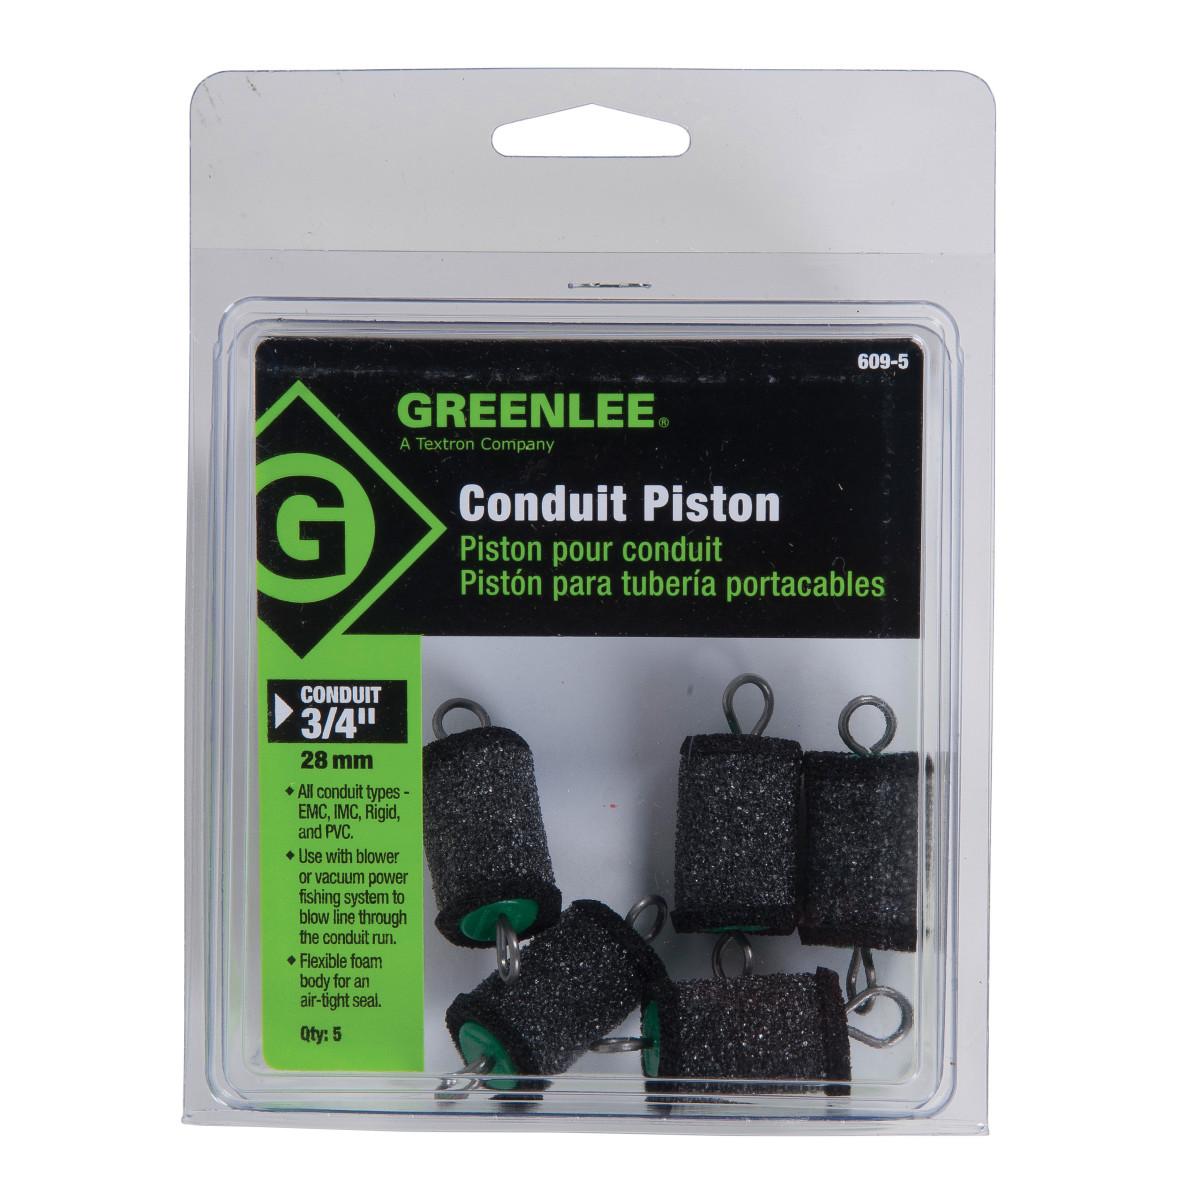 Greenlee®609-5